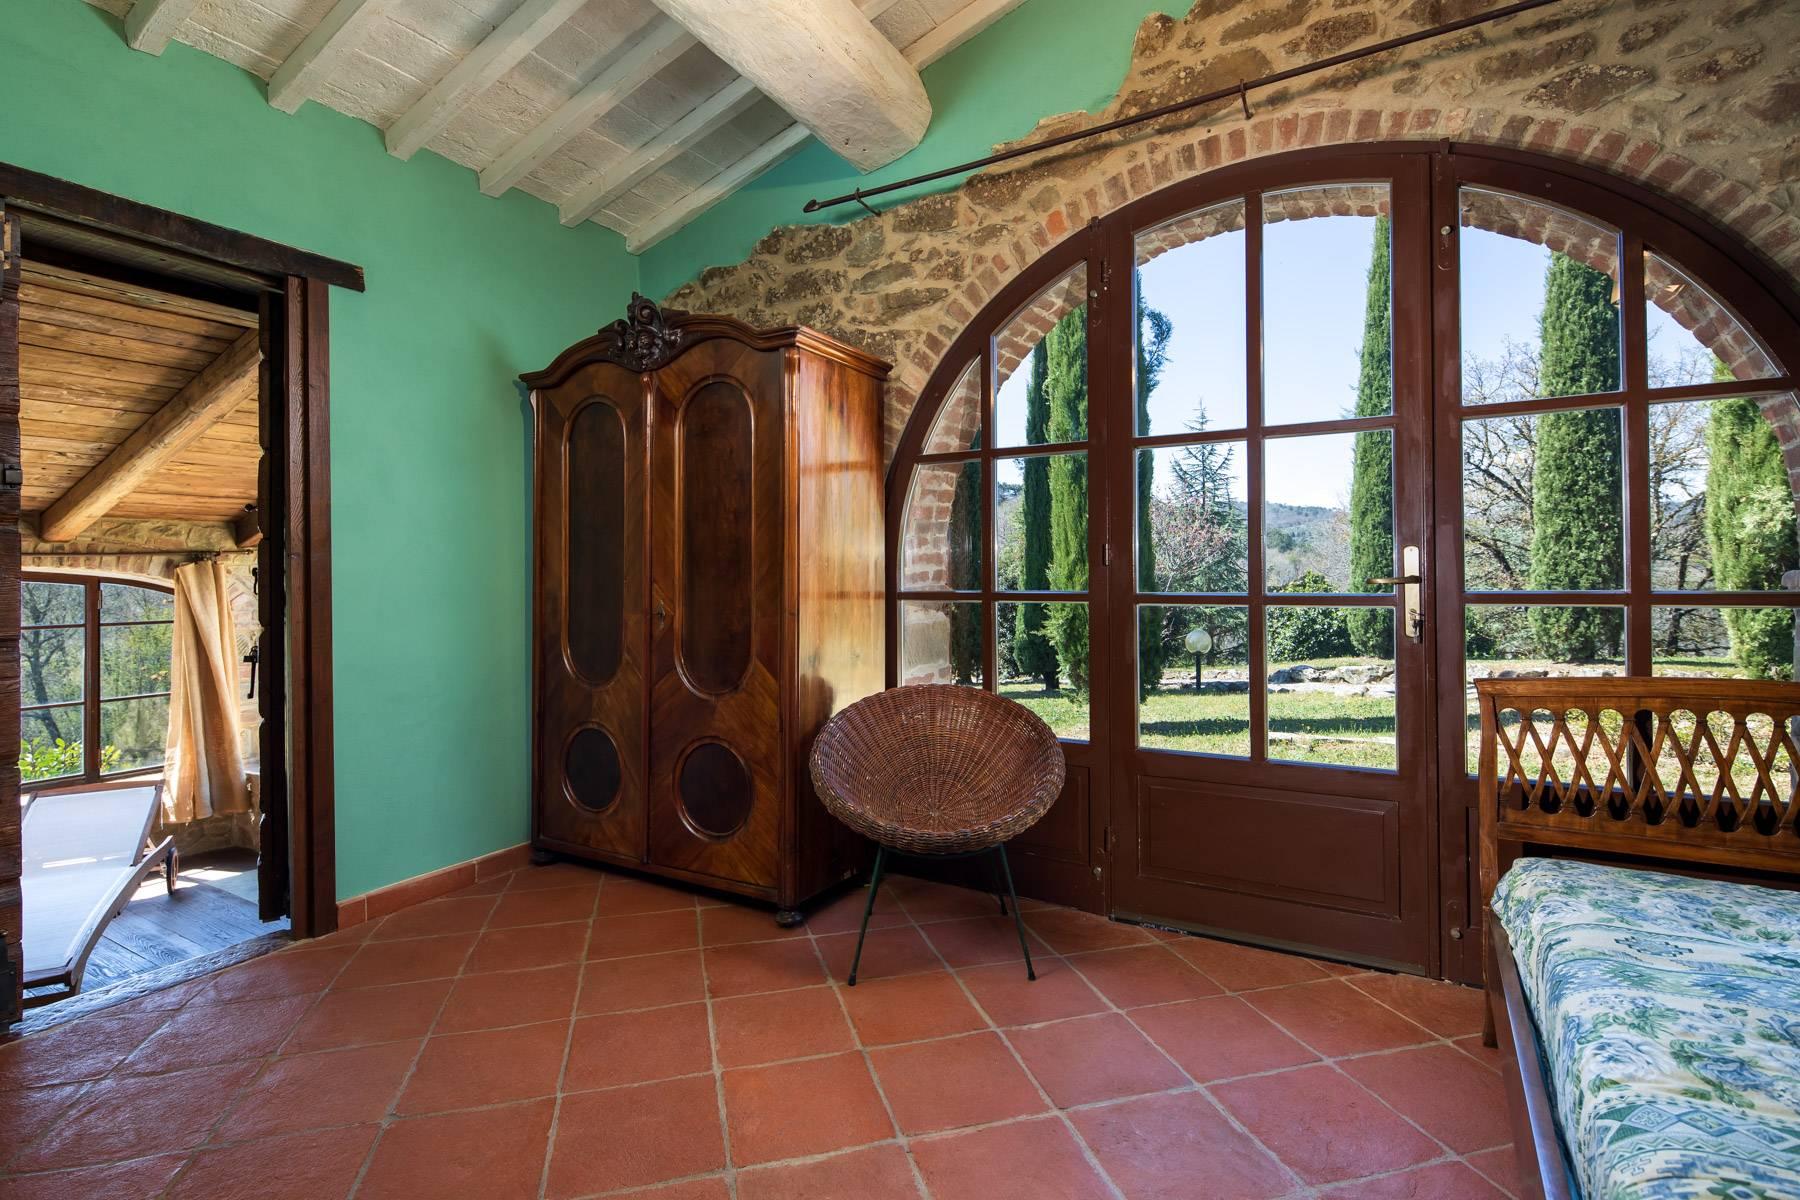 Rustico in Vendita a Monte San Savino: 5 locali, 307 mq - Foto 18